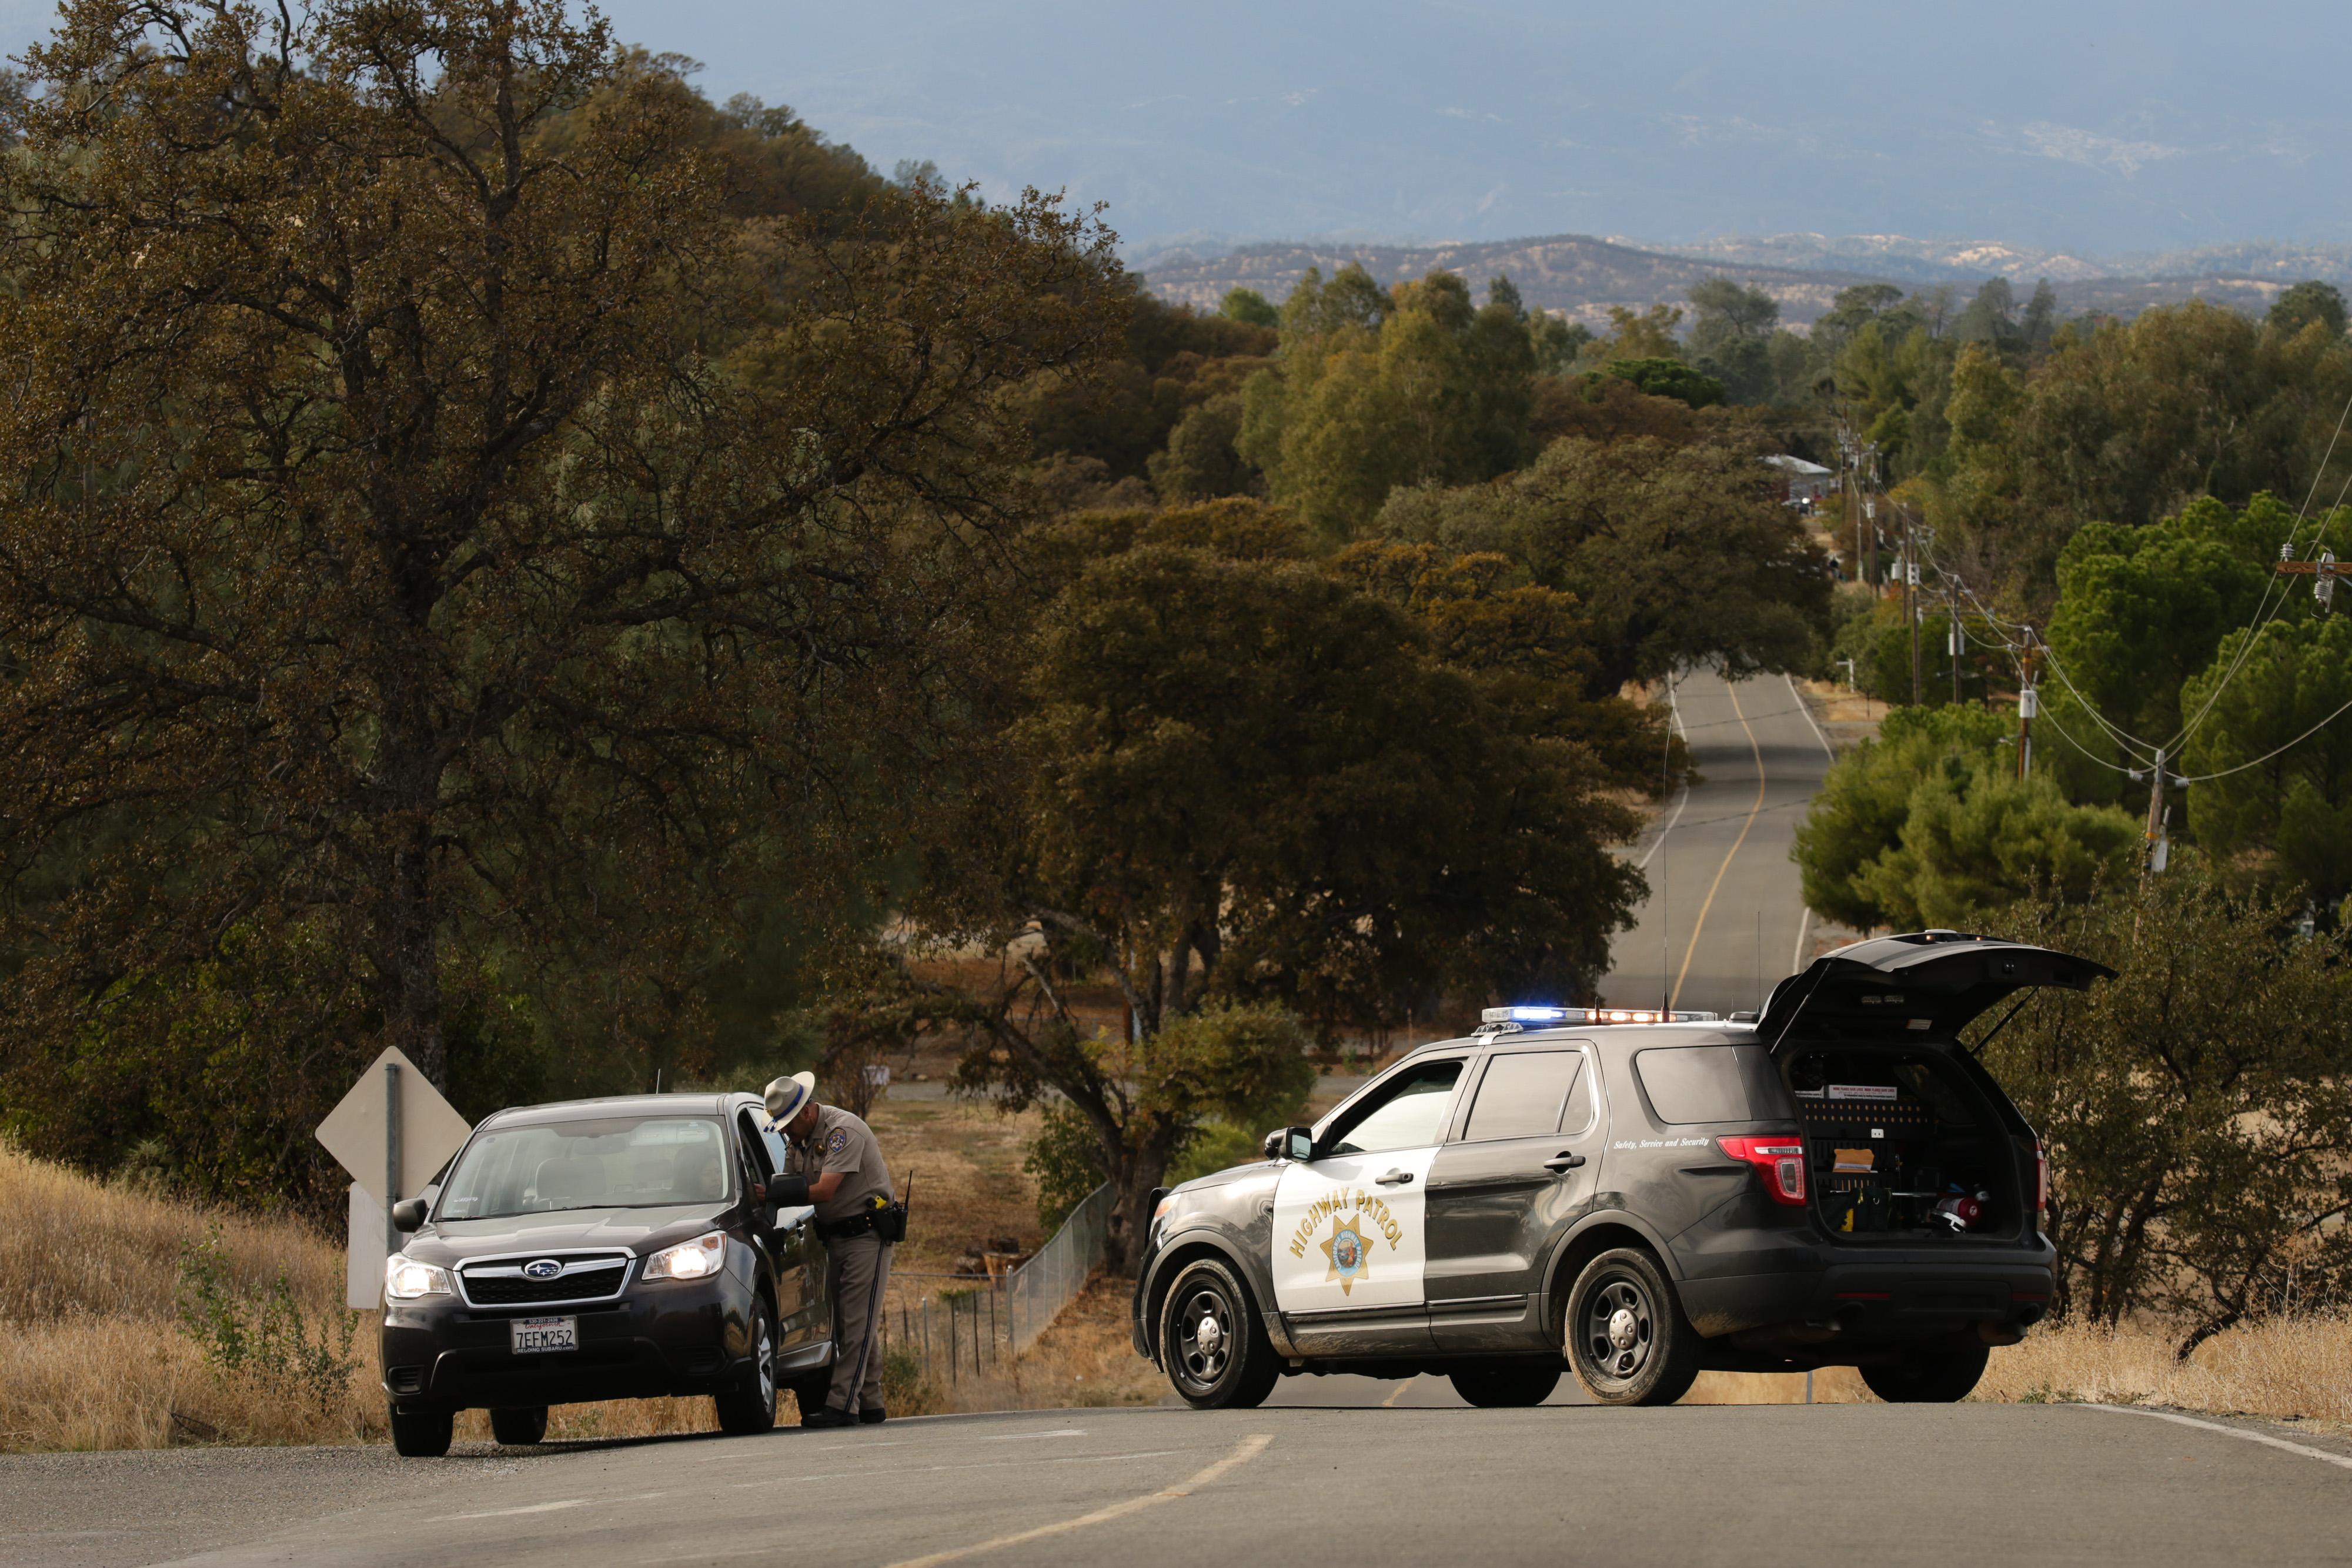 Négy embert lőtt le a kaliforniai ámokfutó, mert droglabort sejtett a szomszédban, ami megmérgezheti a kutyáit